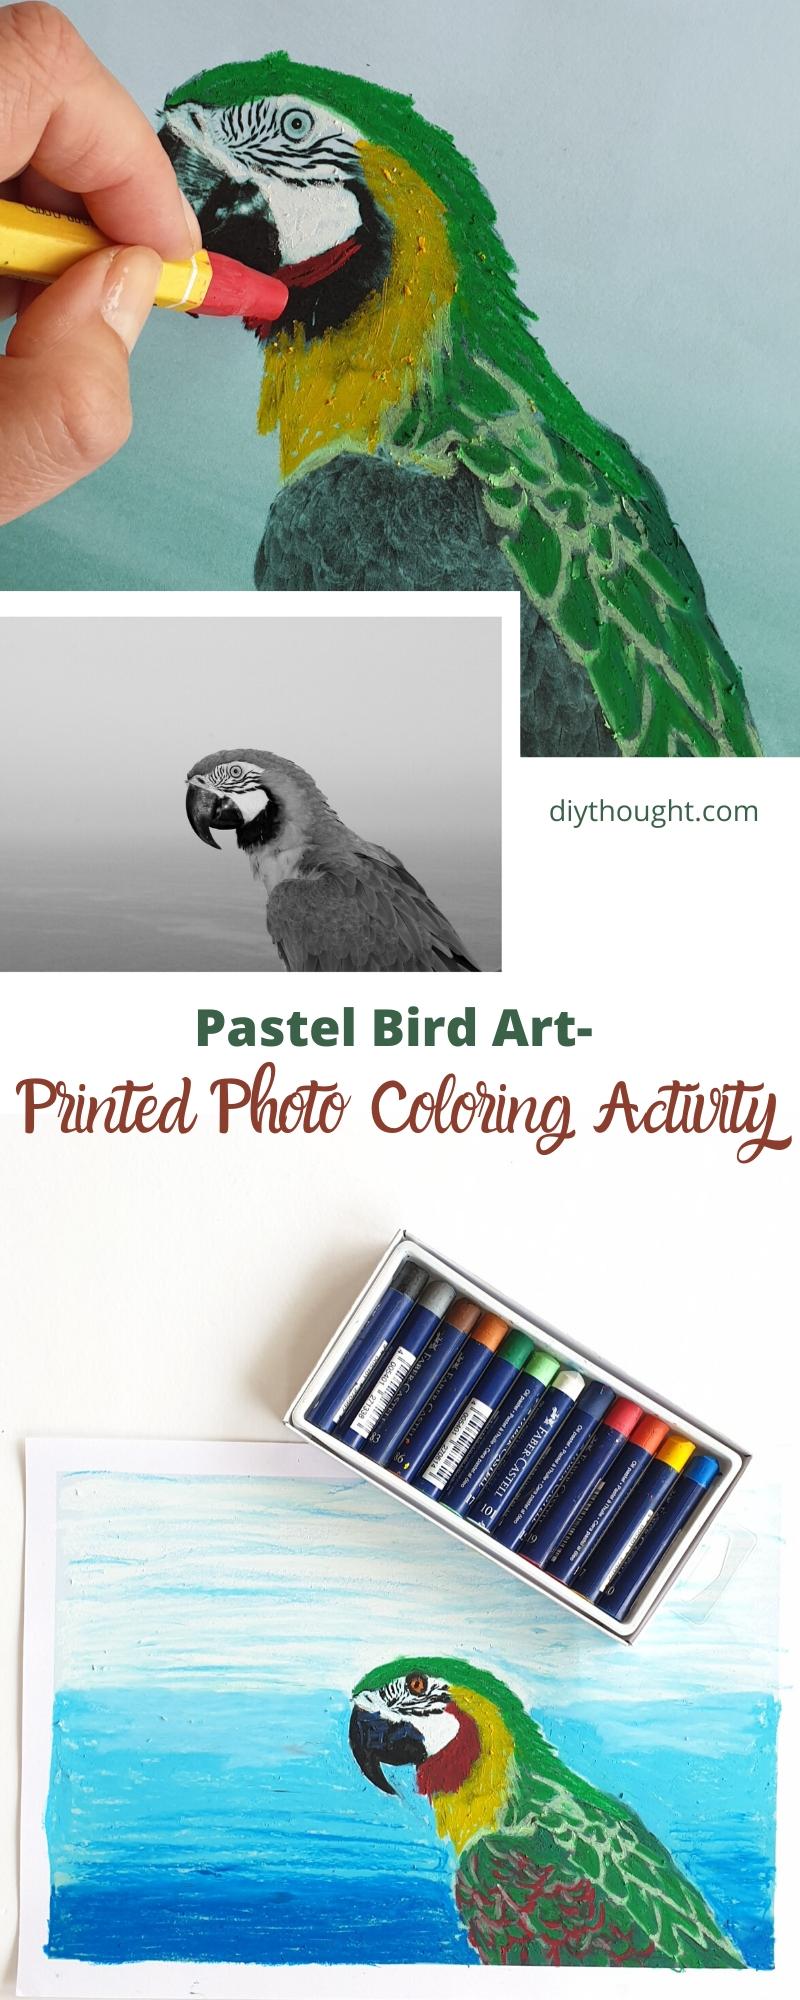 pastel bird art activity